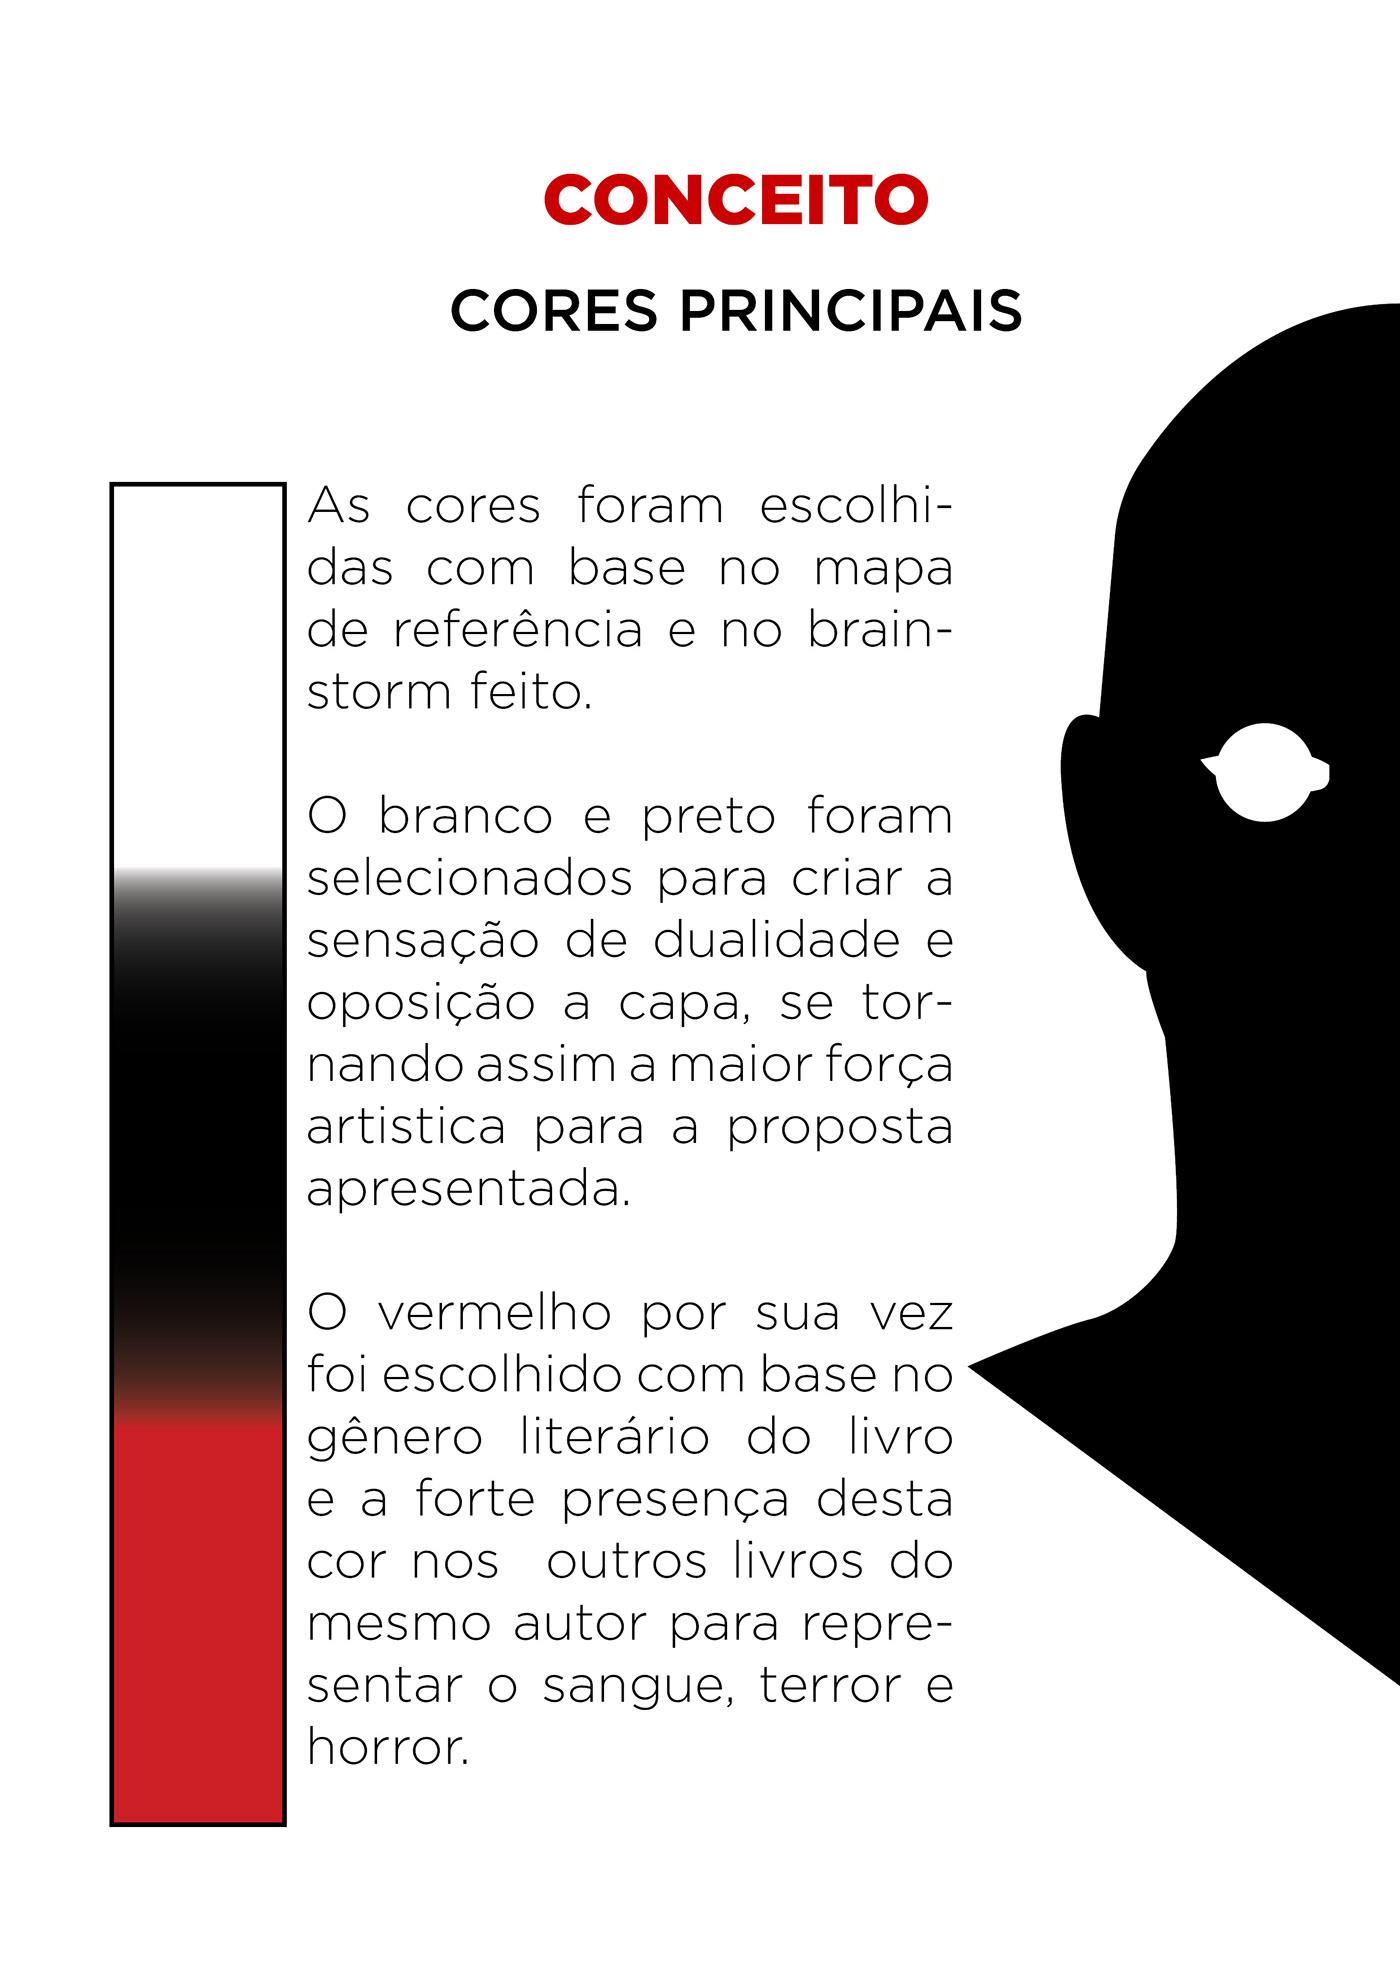 book cover Capa de livros design criativo design gráfico